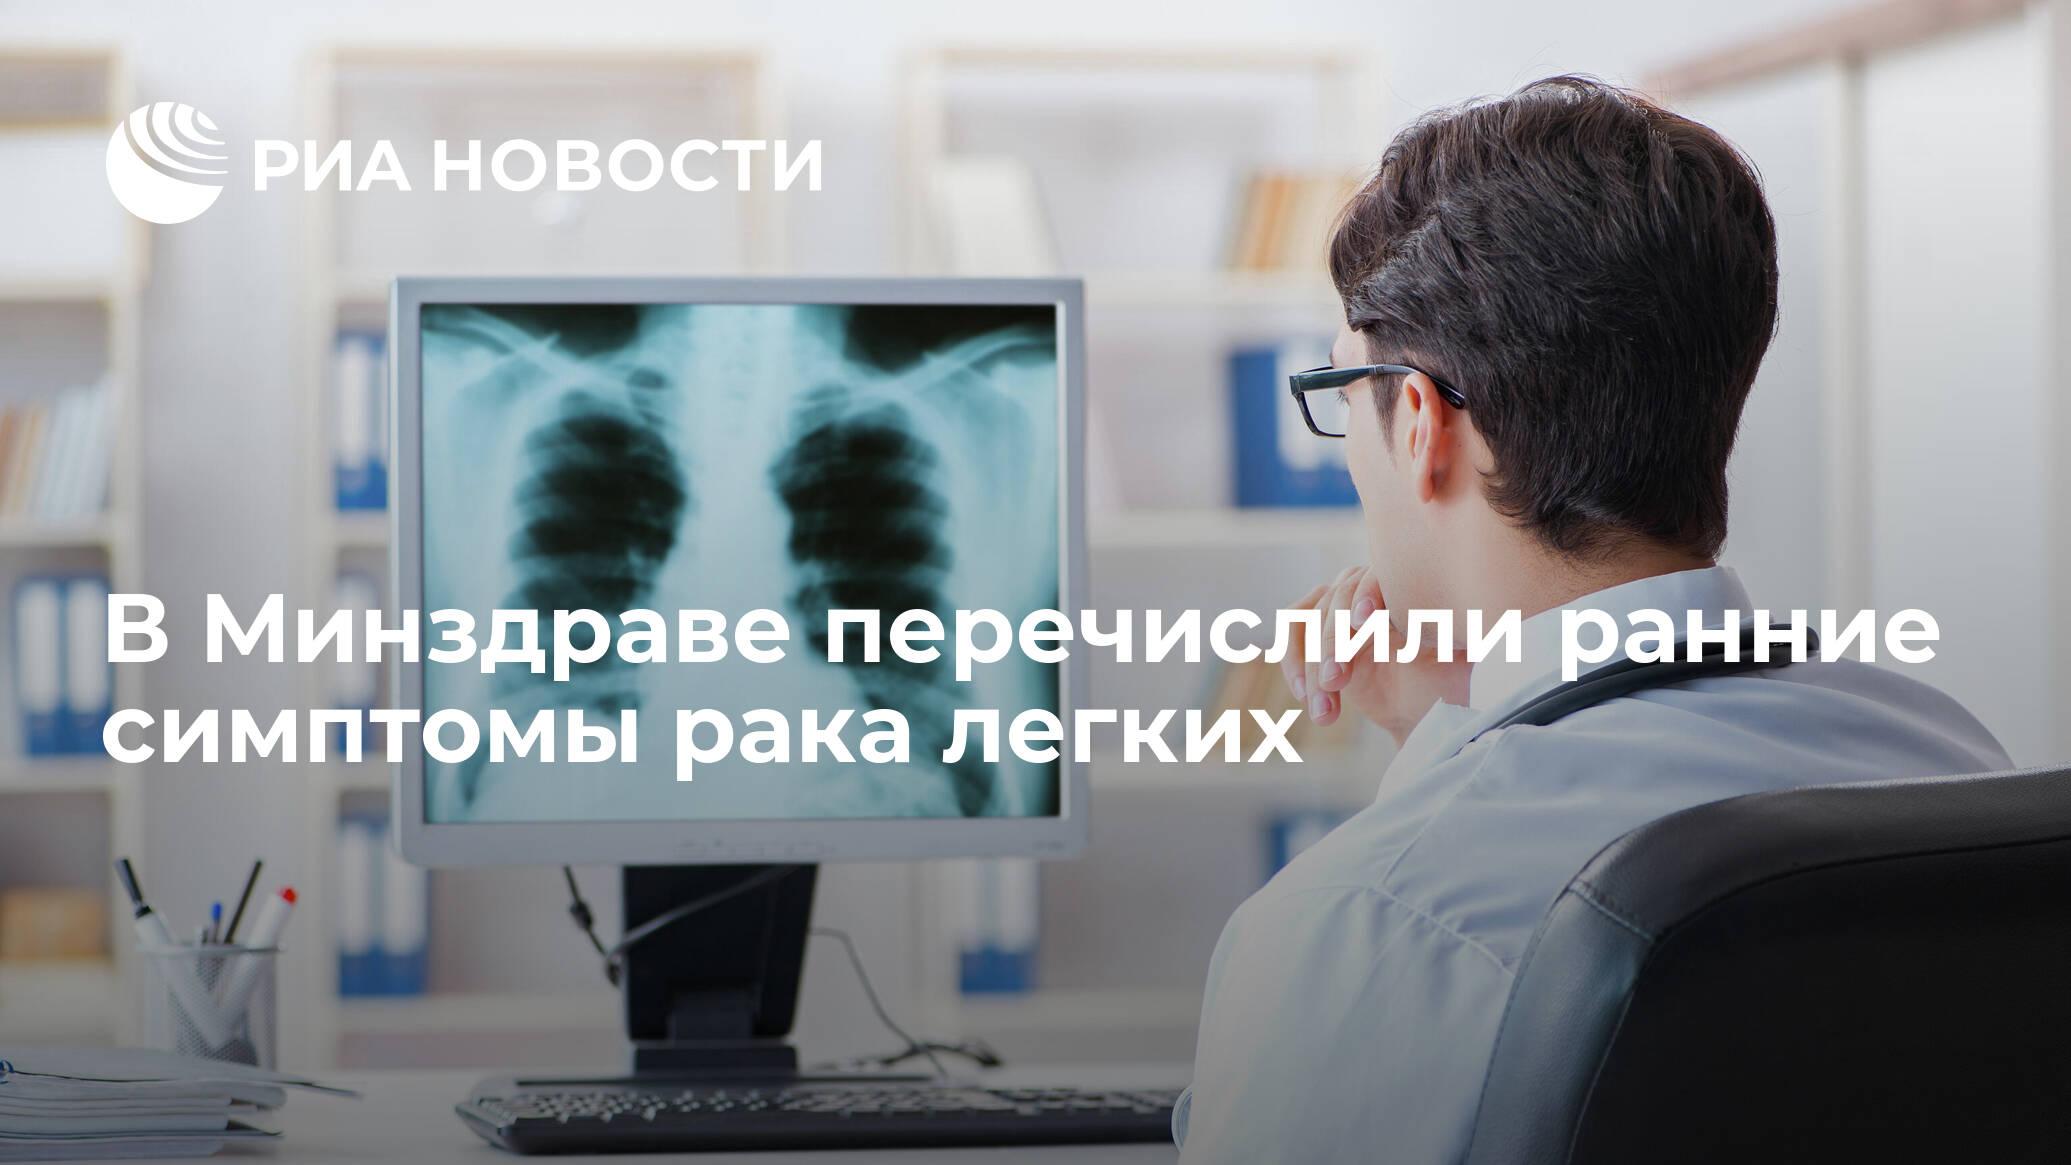 В Минздраве перечислили ранние симптомы рака легких